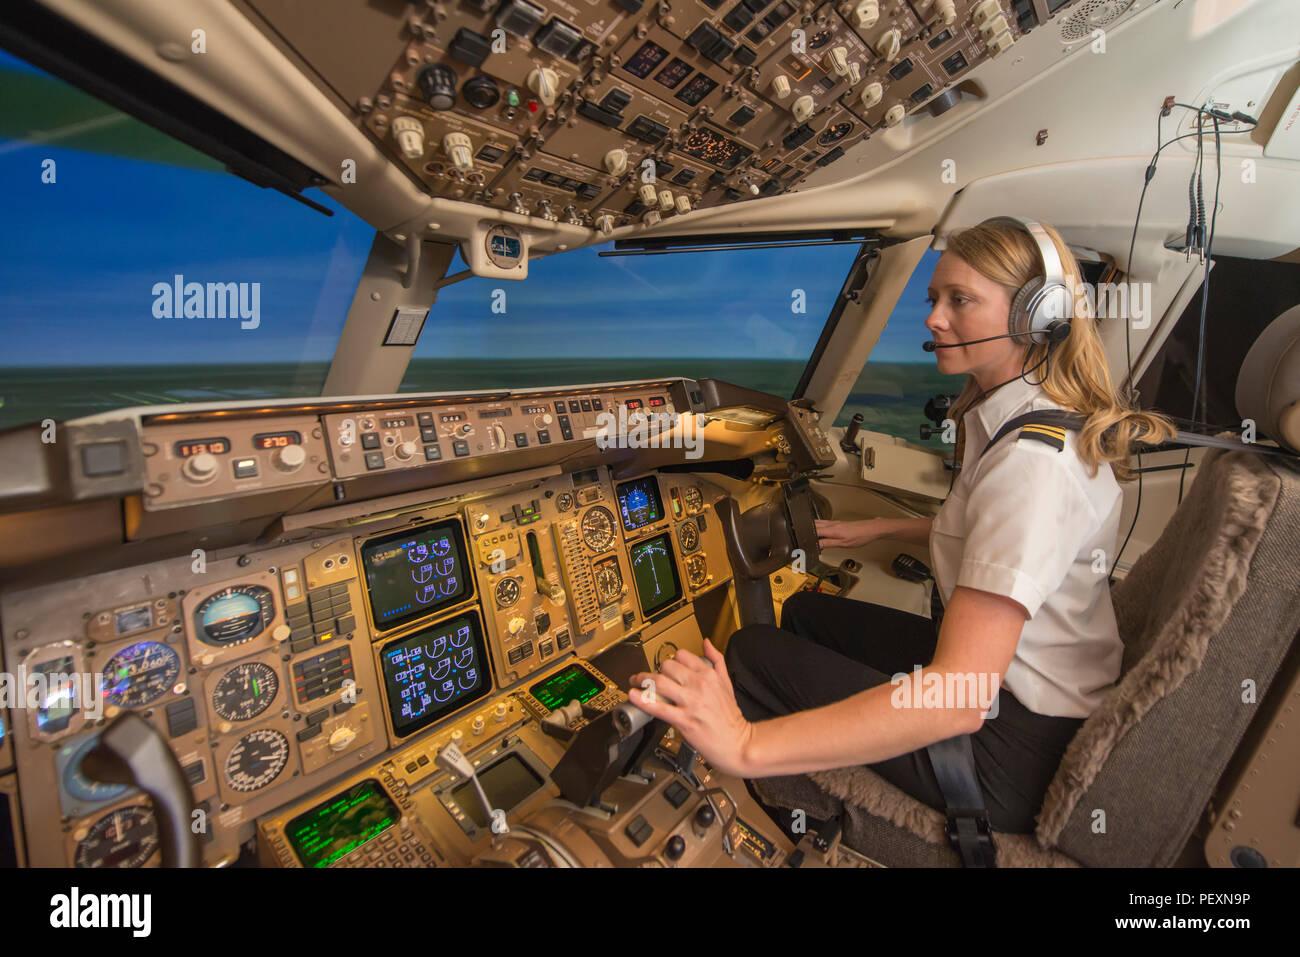 Female pilot in flight simulator during training - Stock Image